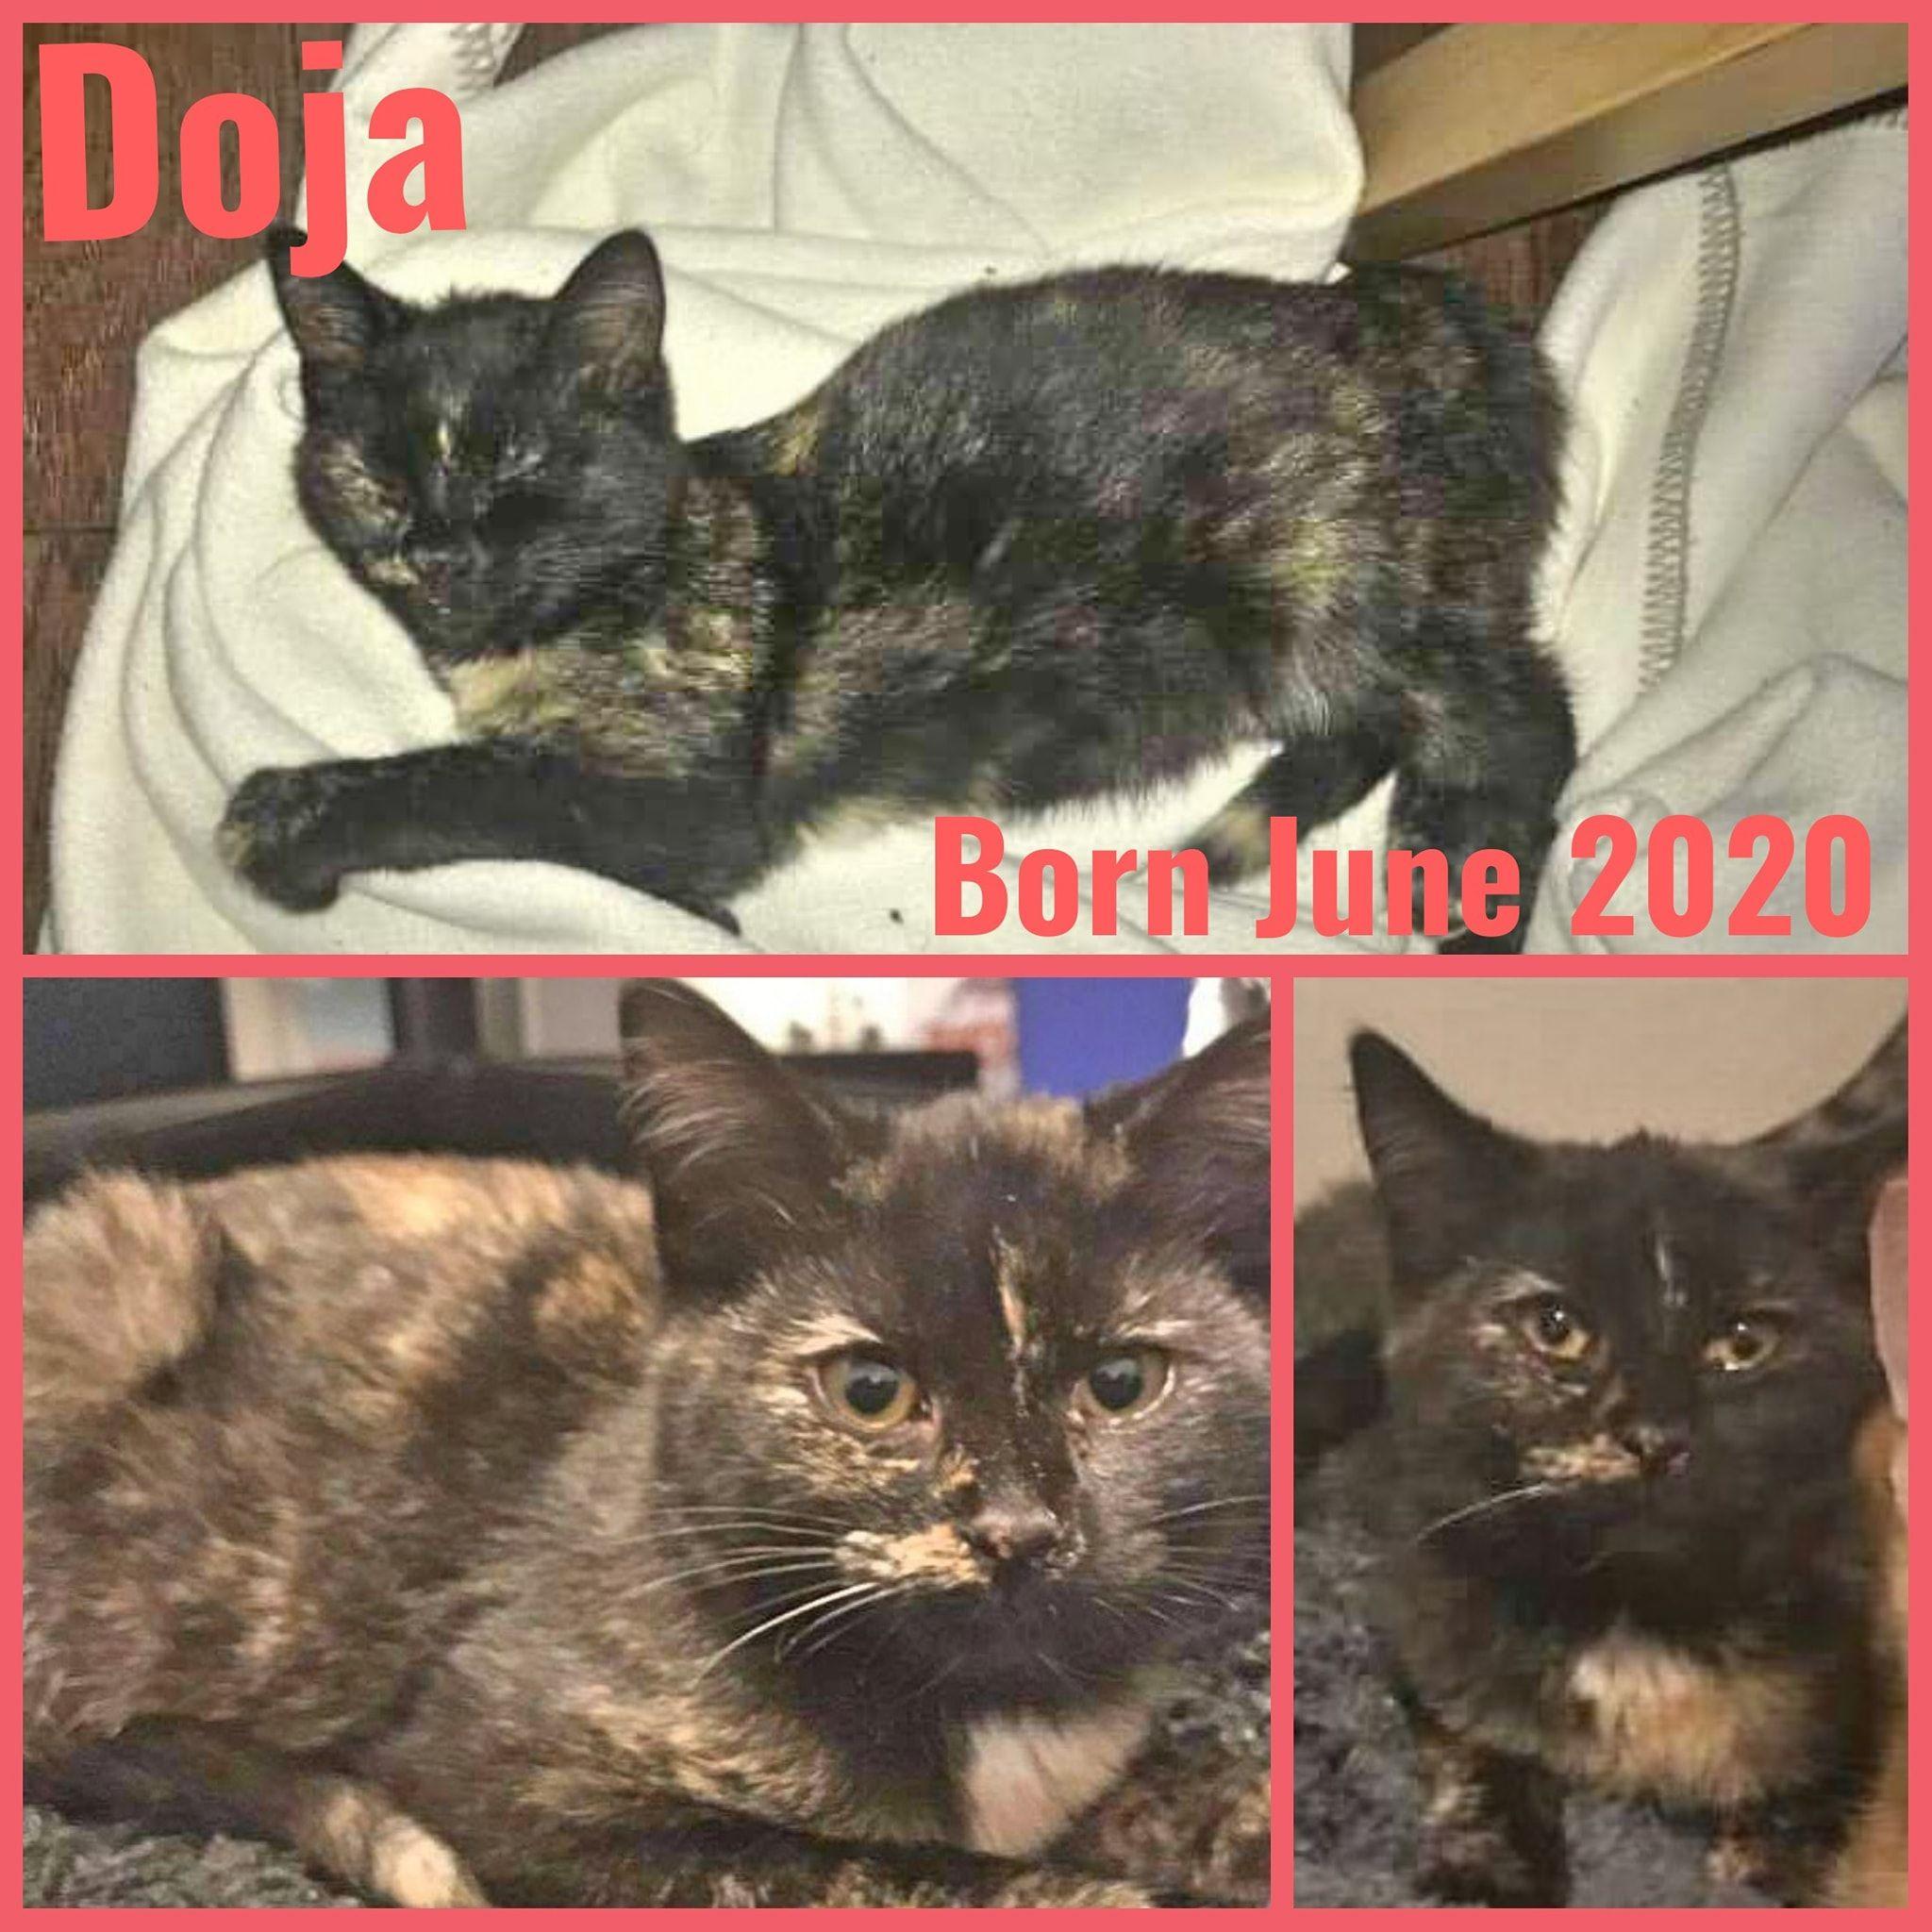 Doja-Female-Born in June 2020